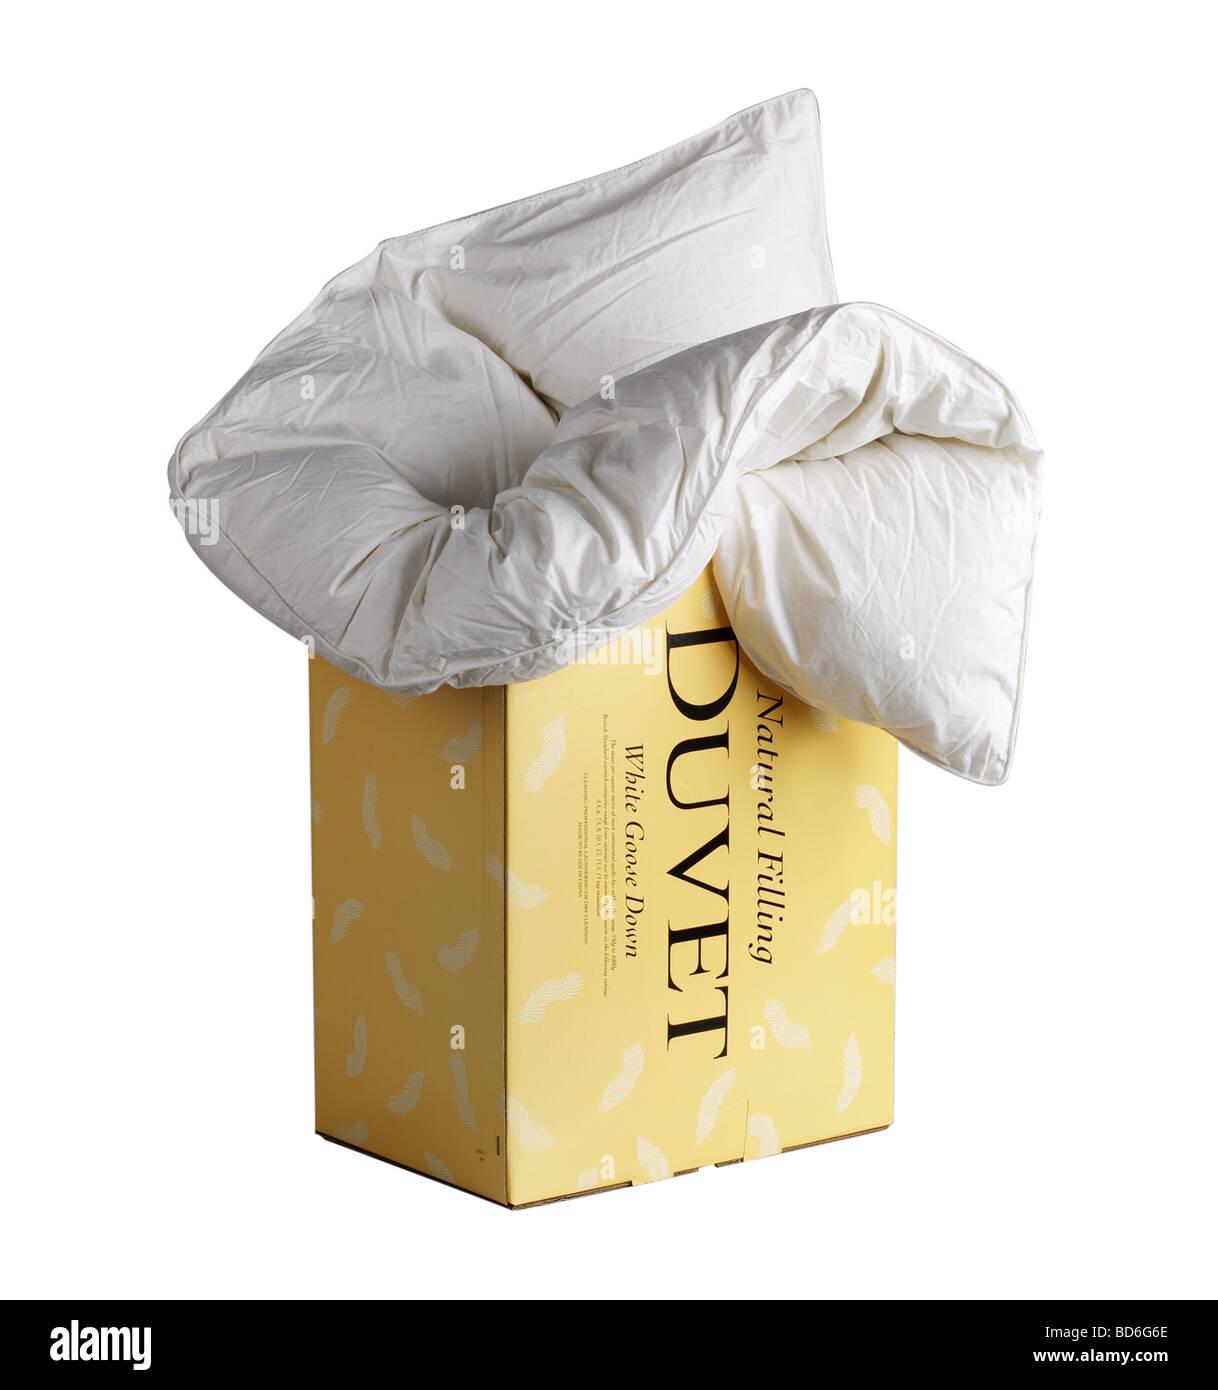 Duvet in Box - Stock Image